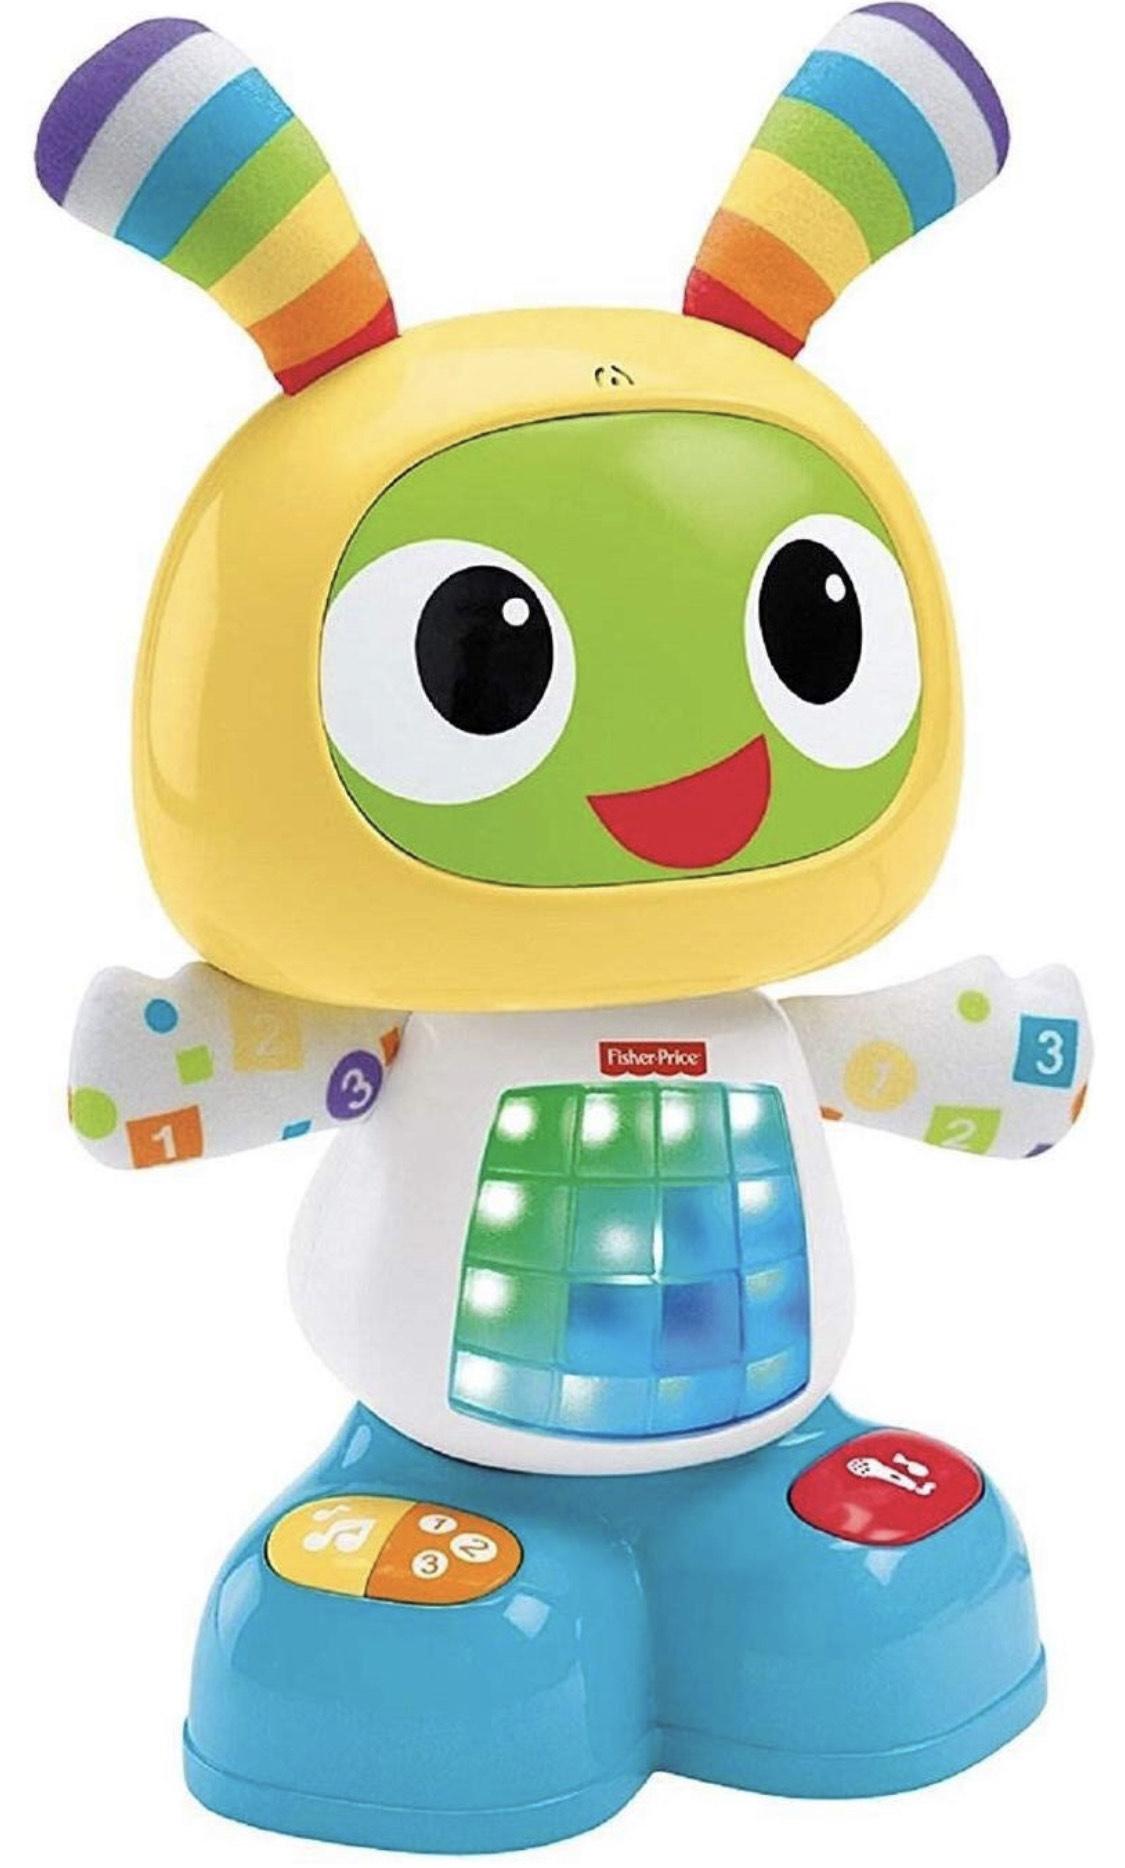 Fisher-Price Baby Robot £9 - Sainsbury's Camberley